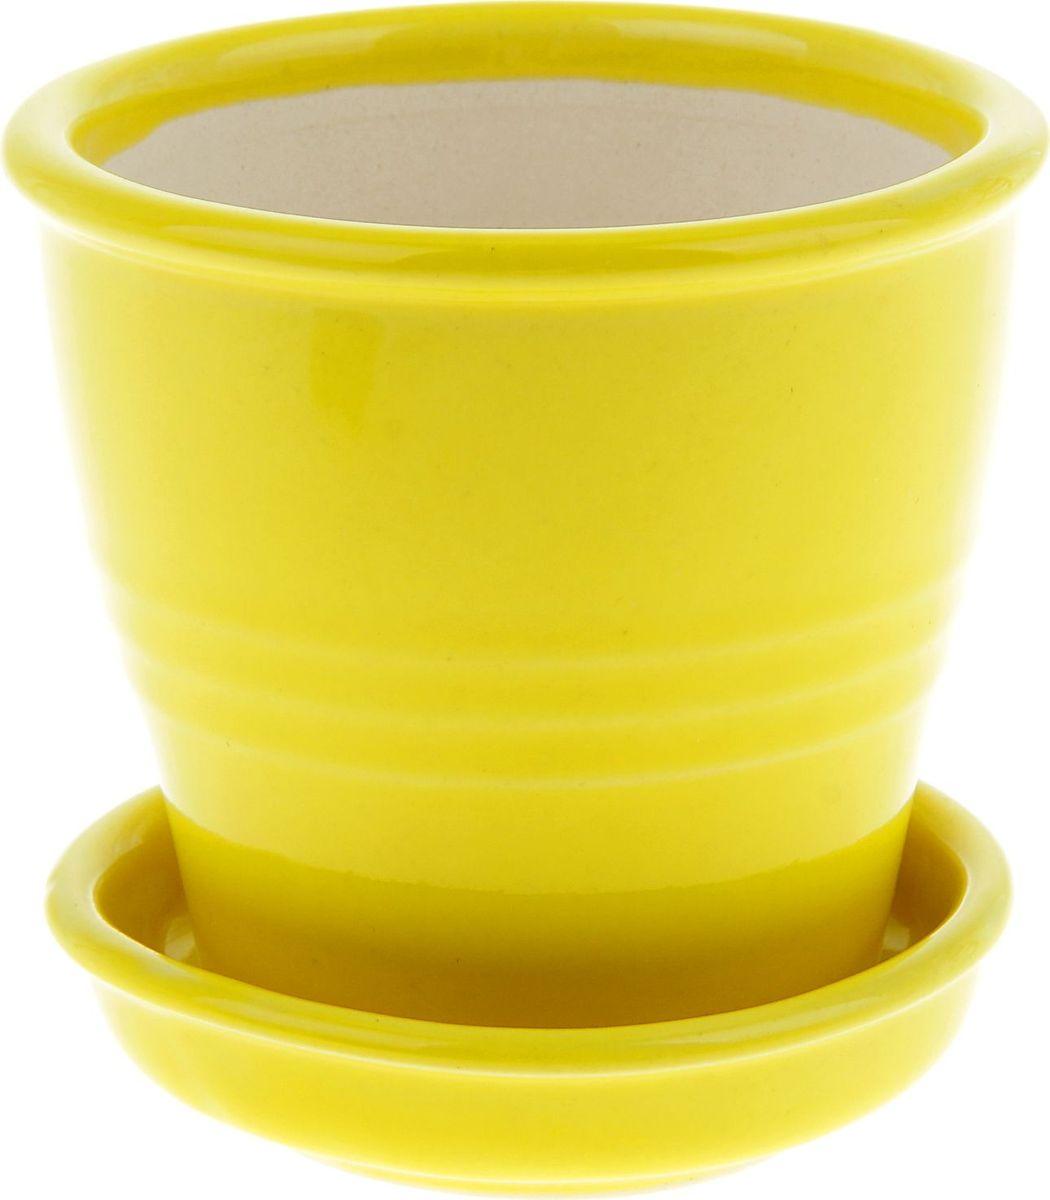 Кашпо Керамика ручной работы Классик, цвет: желтый, 0,23 л835546Комнатные растения — всеобщие любимцы. Они радуют глаз, насыщают помещение кислородом и украшают пространство. Каждому из них необходим свой удобный и красивый дом. Кашпо из керамики прекрасно подходят для высадки растений: за счет пластичности глины и разных способов обработки существует великое множество форм и дизайнов пористый материал позволяет испаряться лишней влаге воздух, необходимый для дыхания корней, проникает сквозь керамические стенки! позаботится о зеленом питомце, освежит интерьер и подчеркнет его стиль.